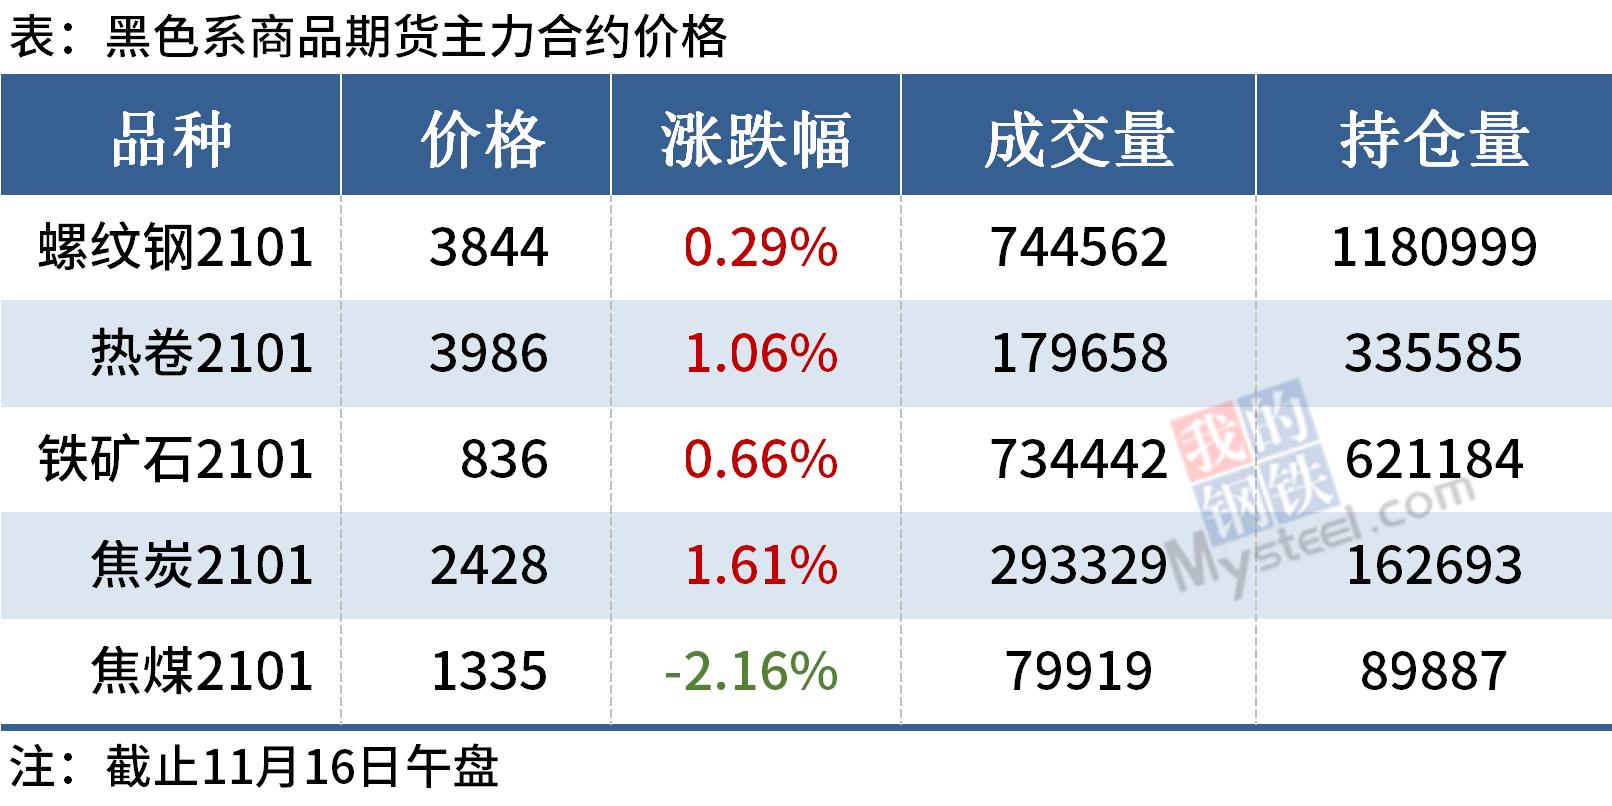 Mysteel午报:钢价涨跌互现,黑色期货普涨